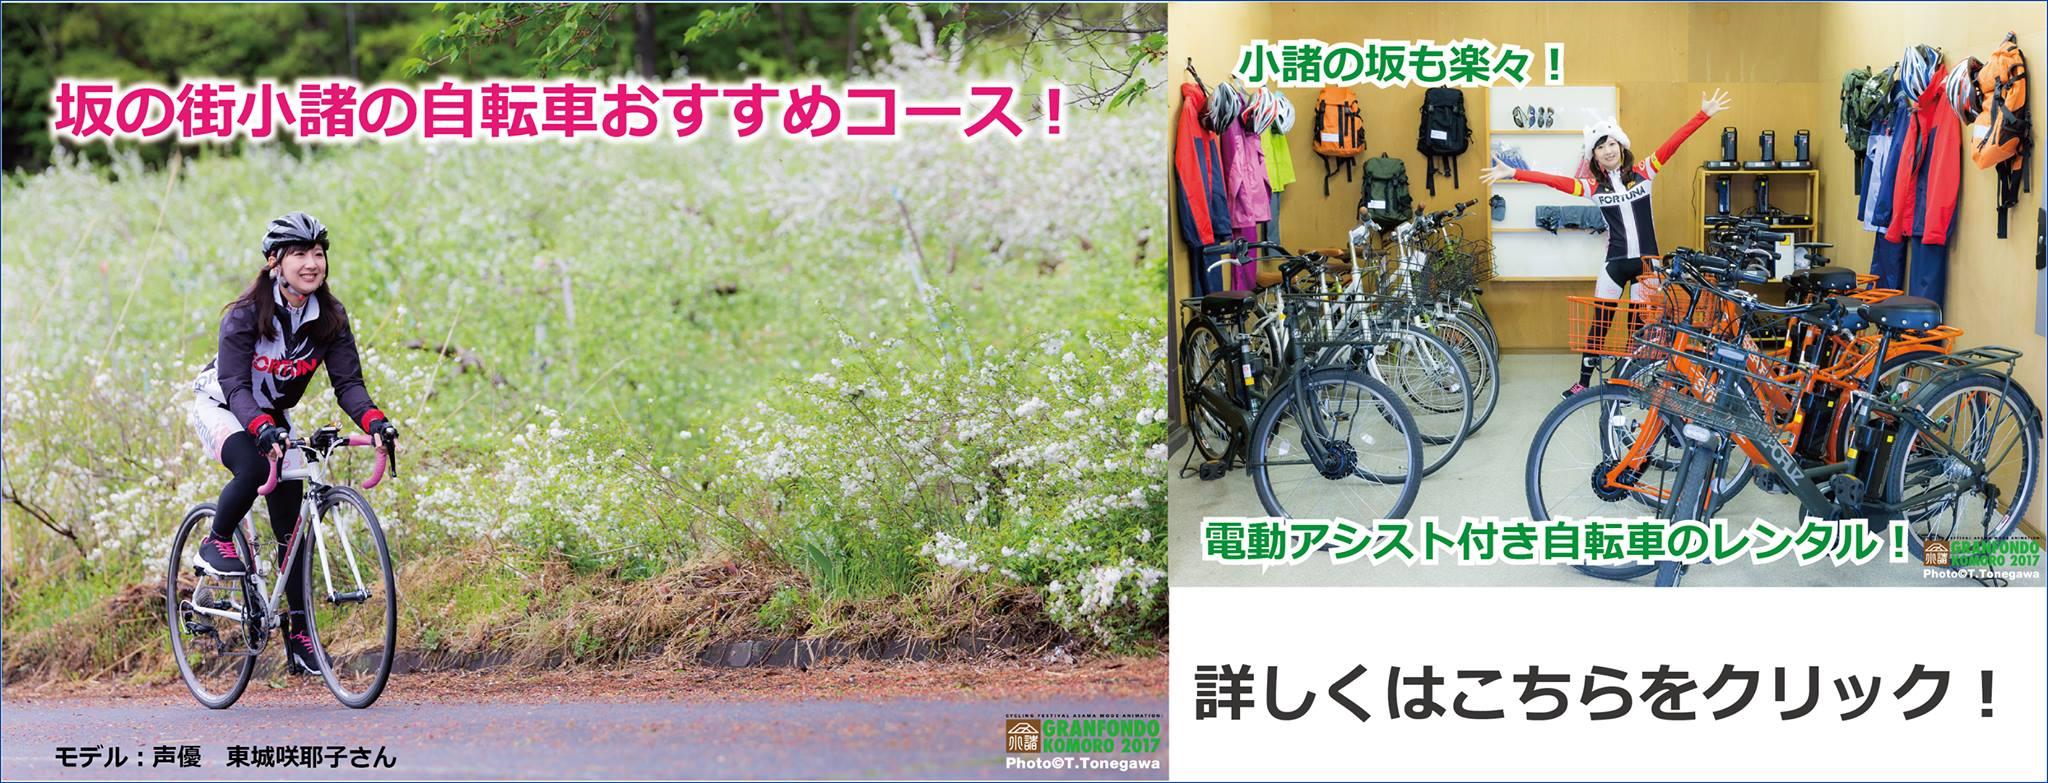 坂の街小諸の自転車おすすめコース